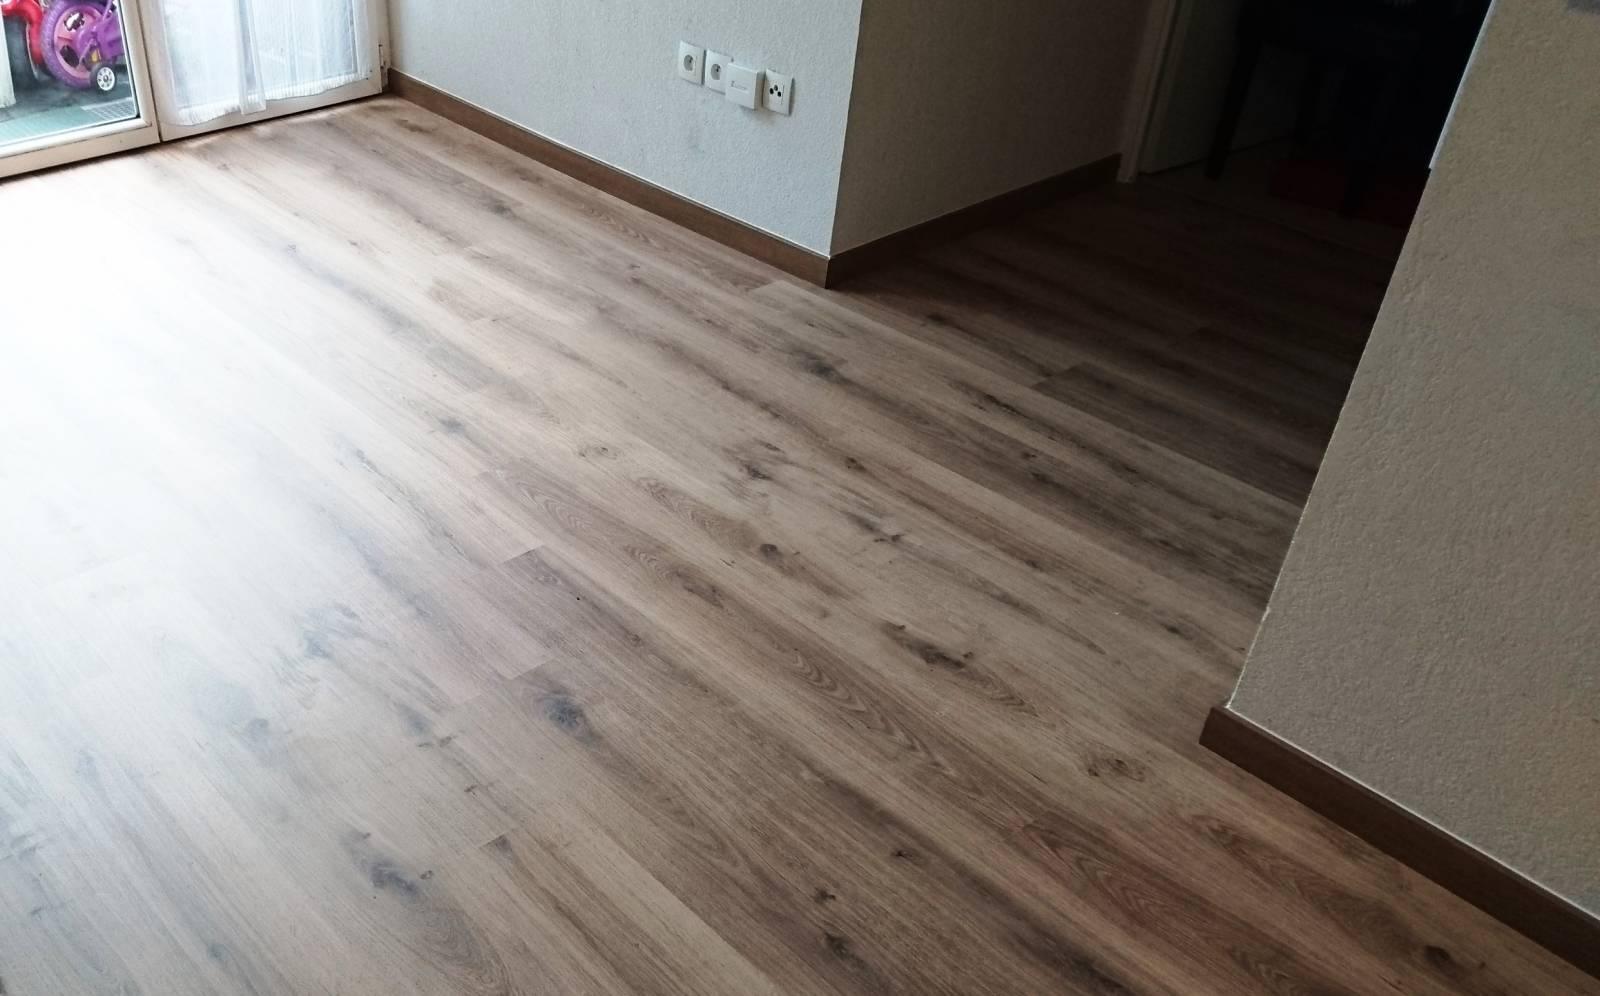 Pose de sol pvc imitation parquet Bordeaux Chartrons - Entreprise de rénovation d'intérieur à ...